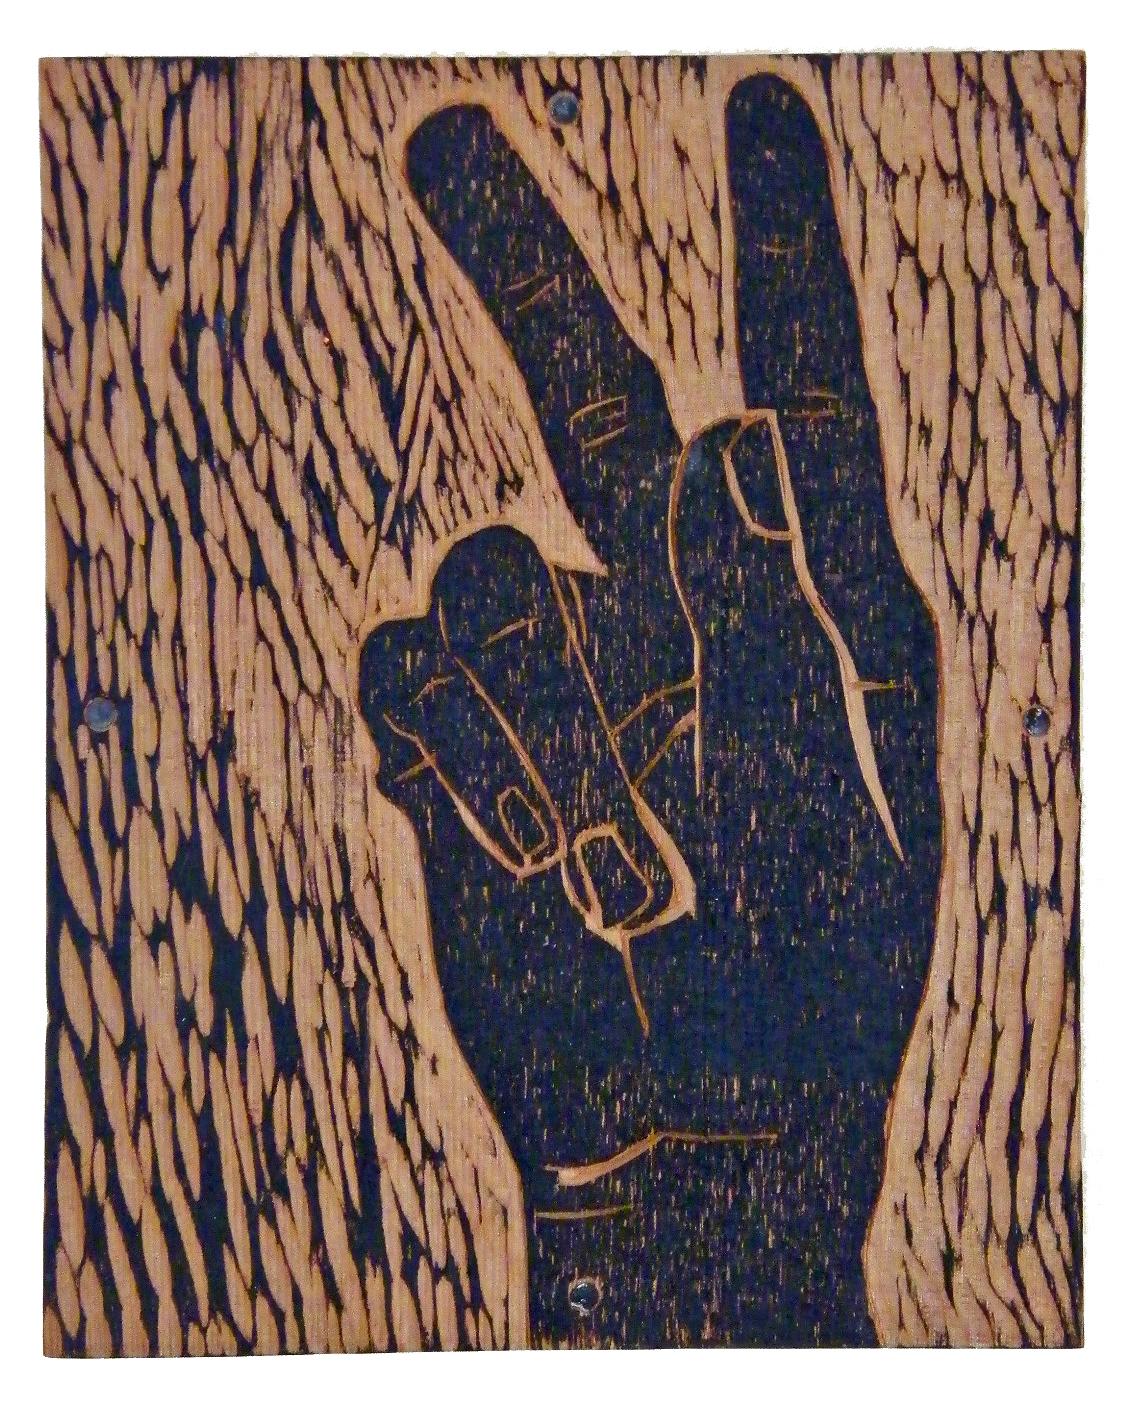 'k' from Alphabet 09, carved redwood, ink